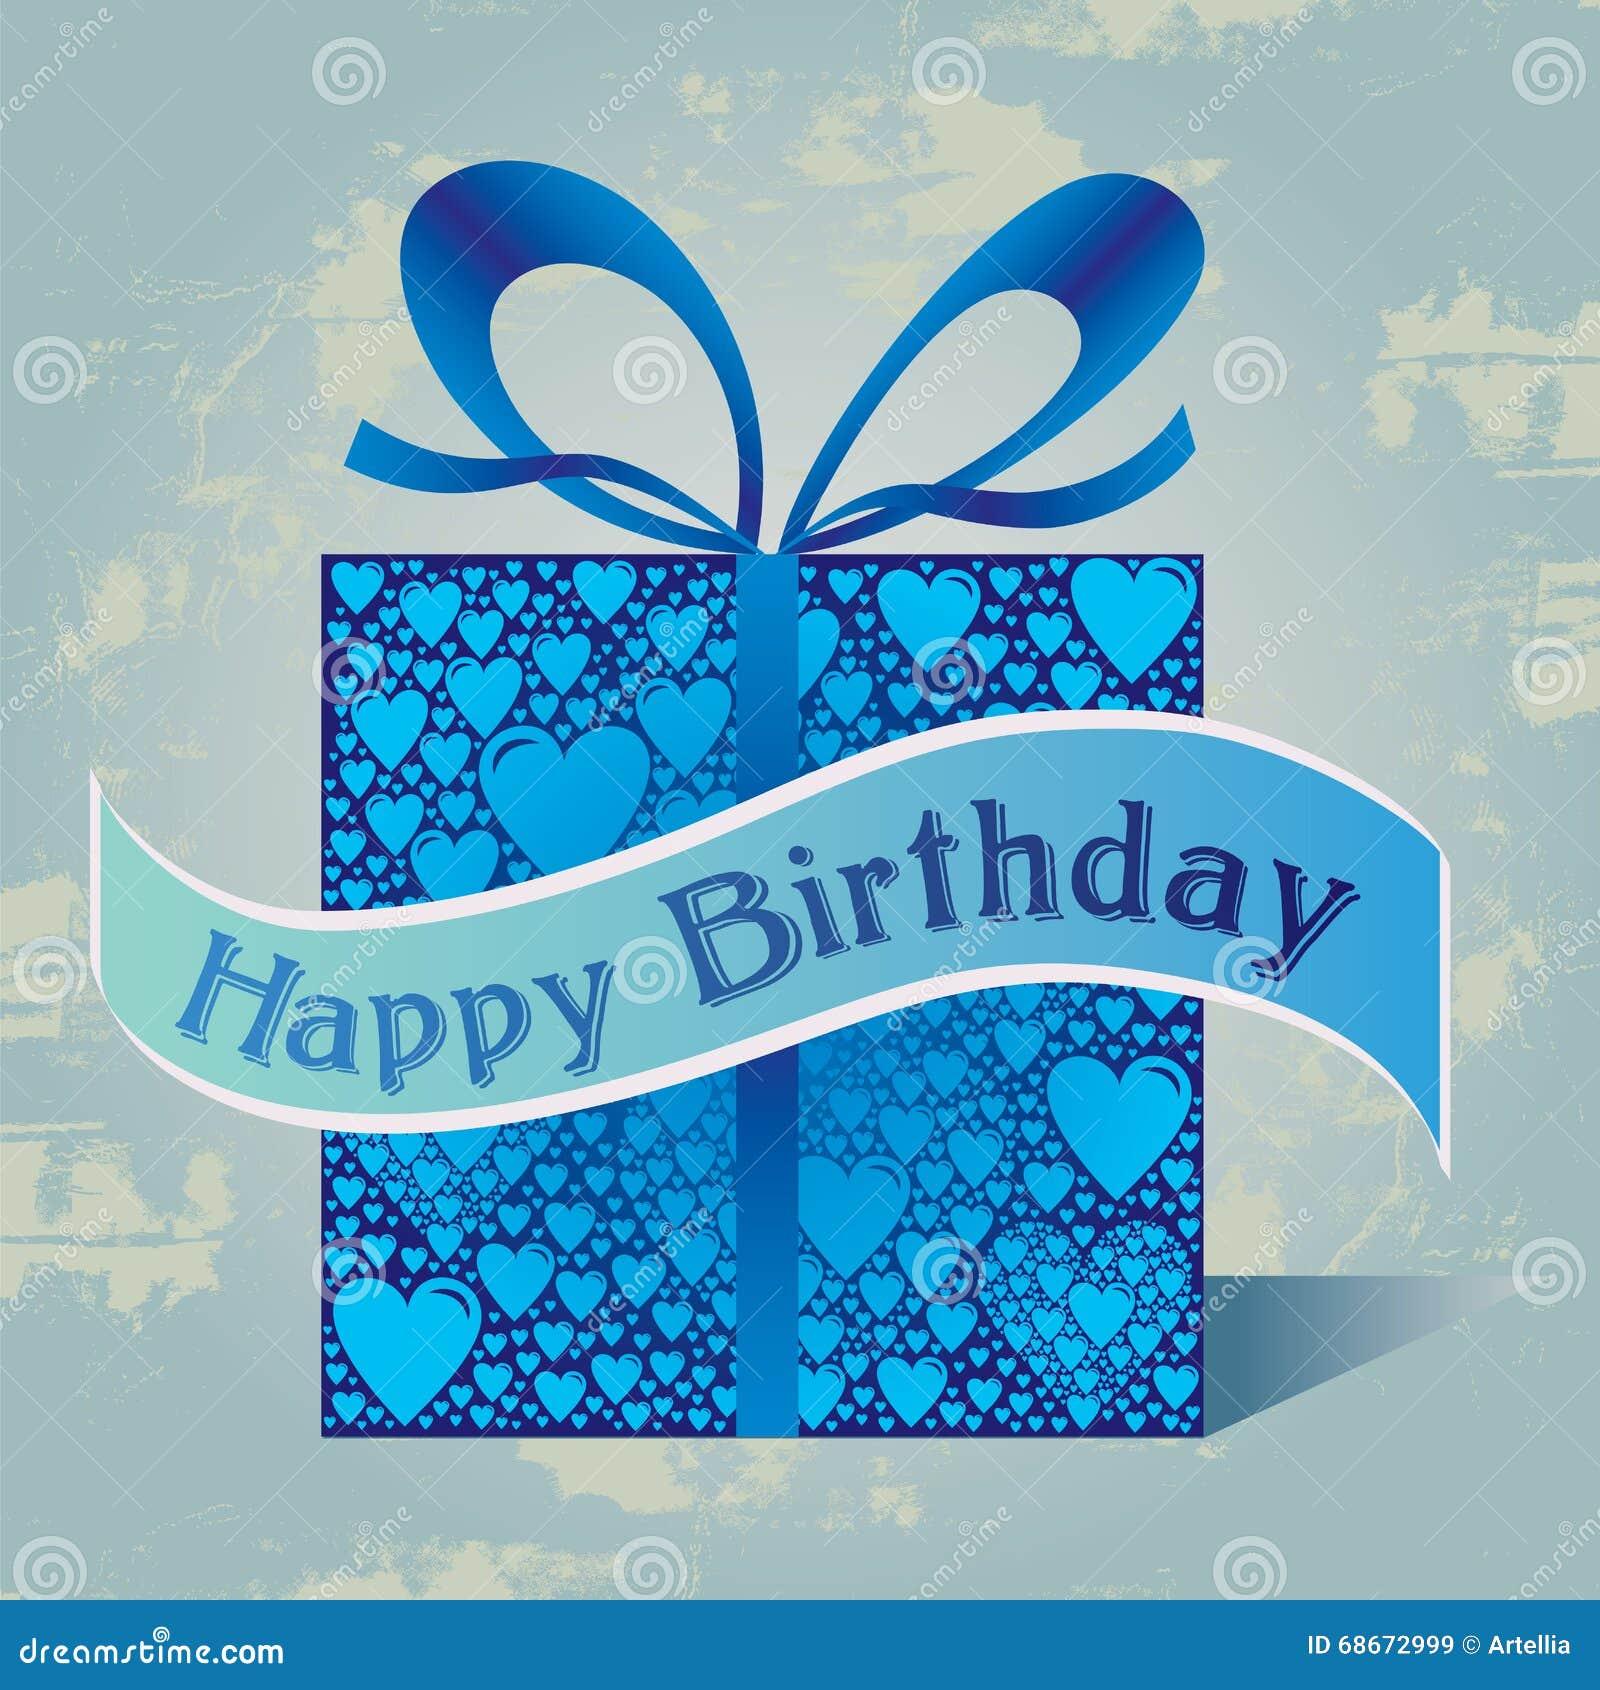 Wszystkiego Najlepszego Z Okazji Urodzin prezenta pudełko z serce wzorem i faborek w Błękitnych kolorach